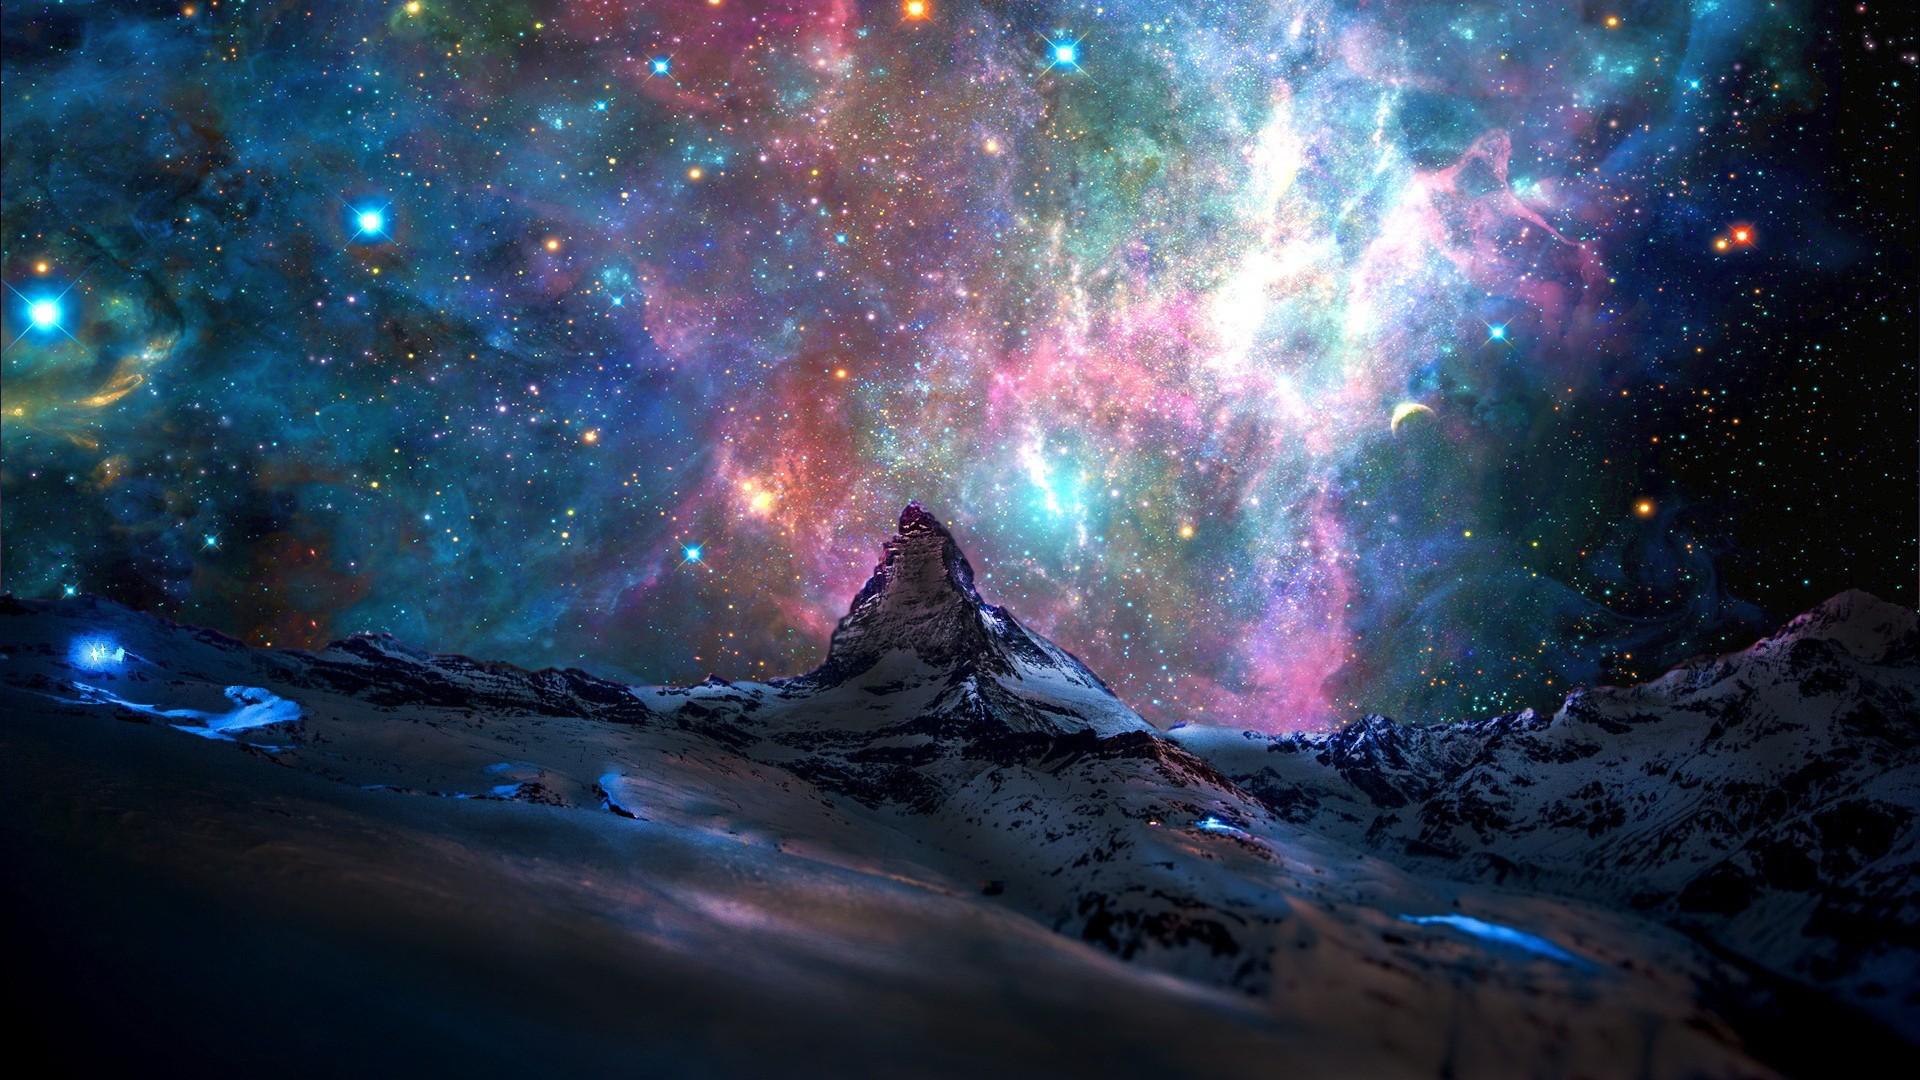 Фото галактика фэнтези безмятежность